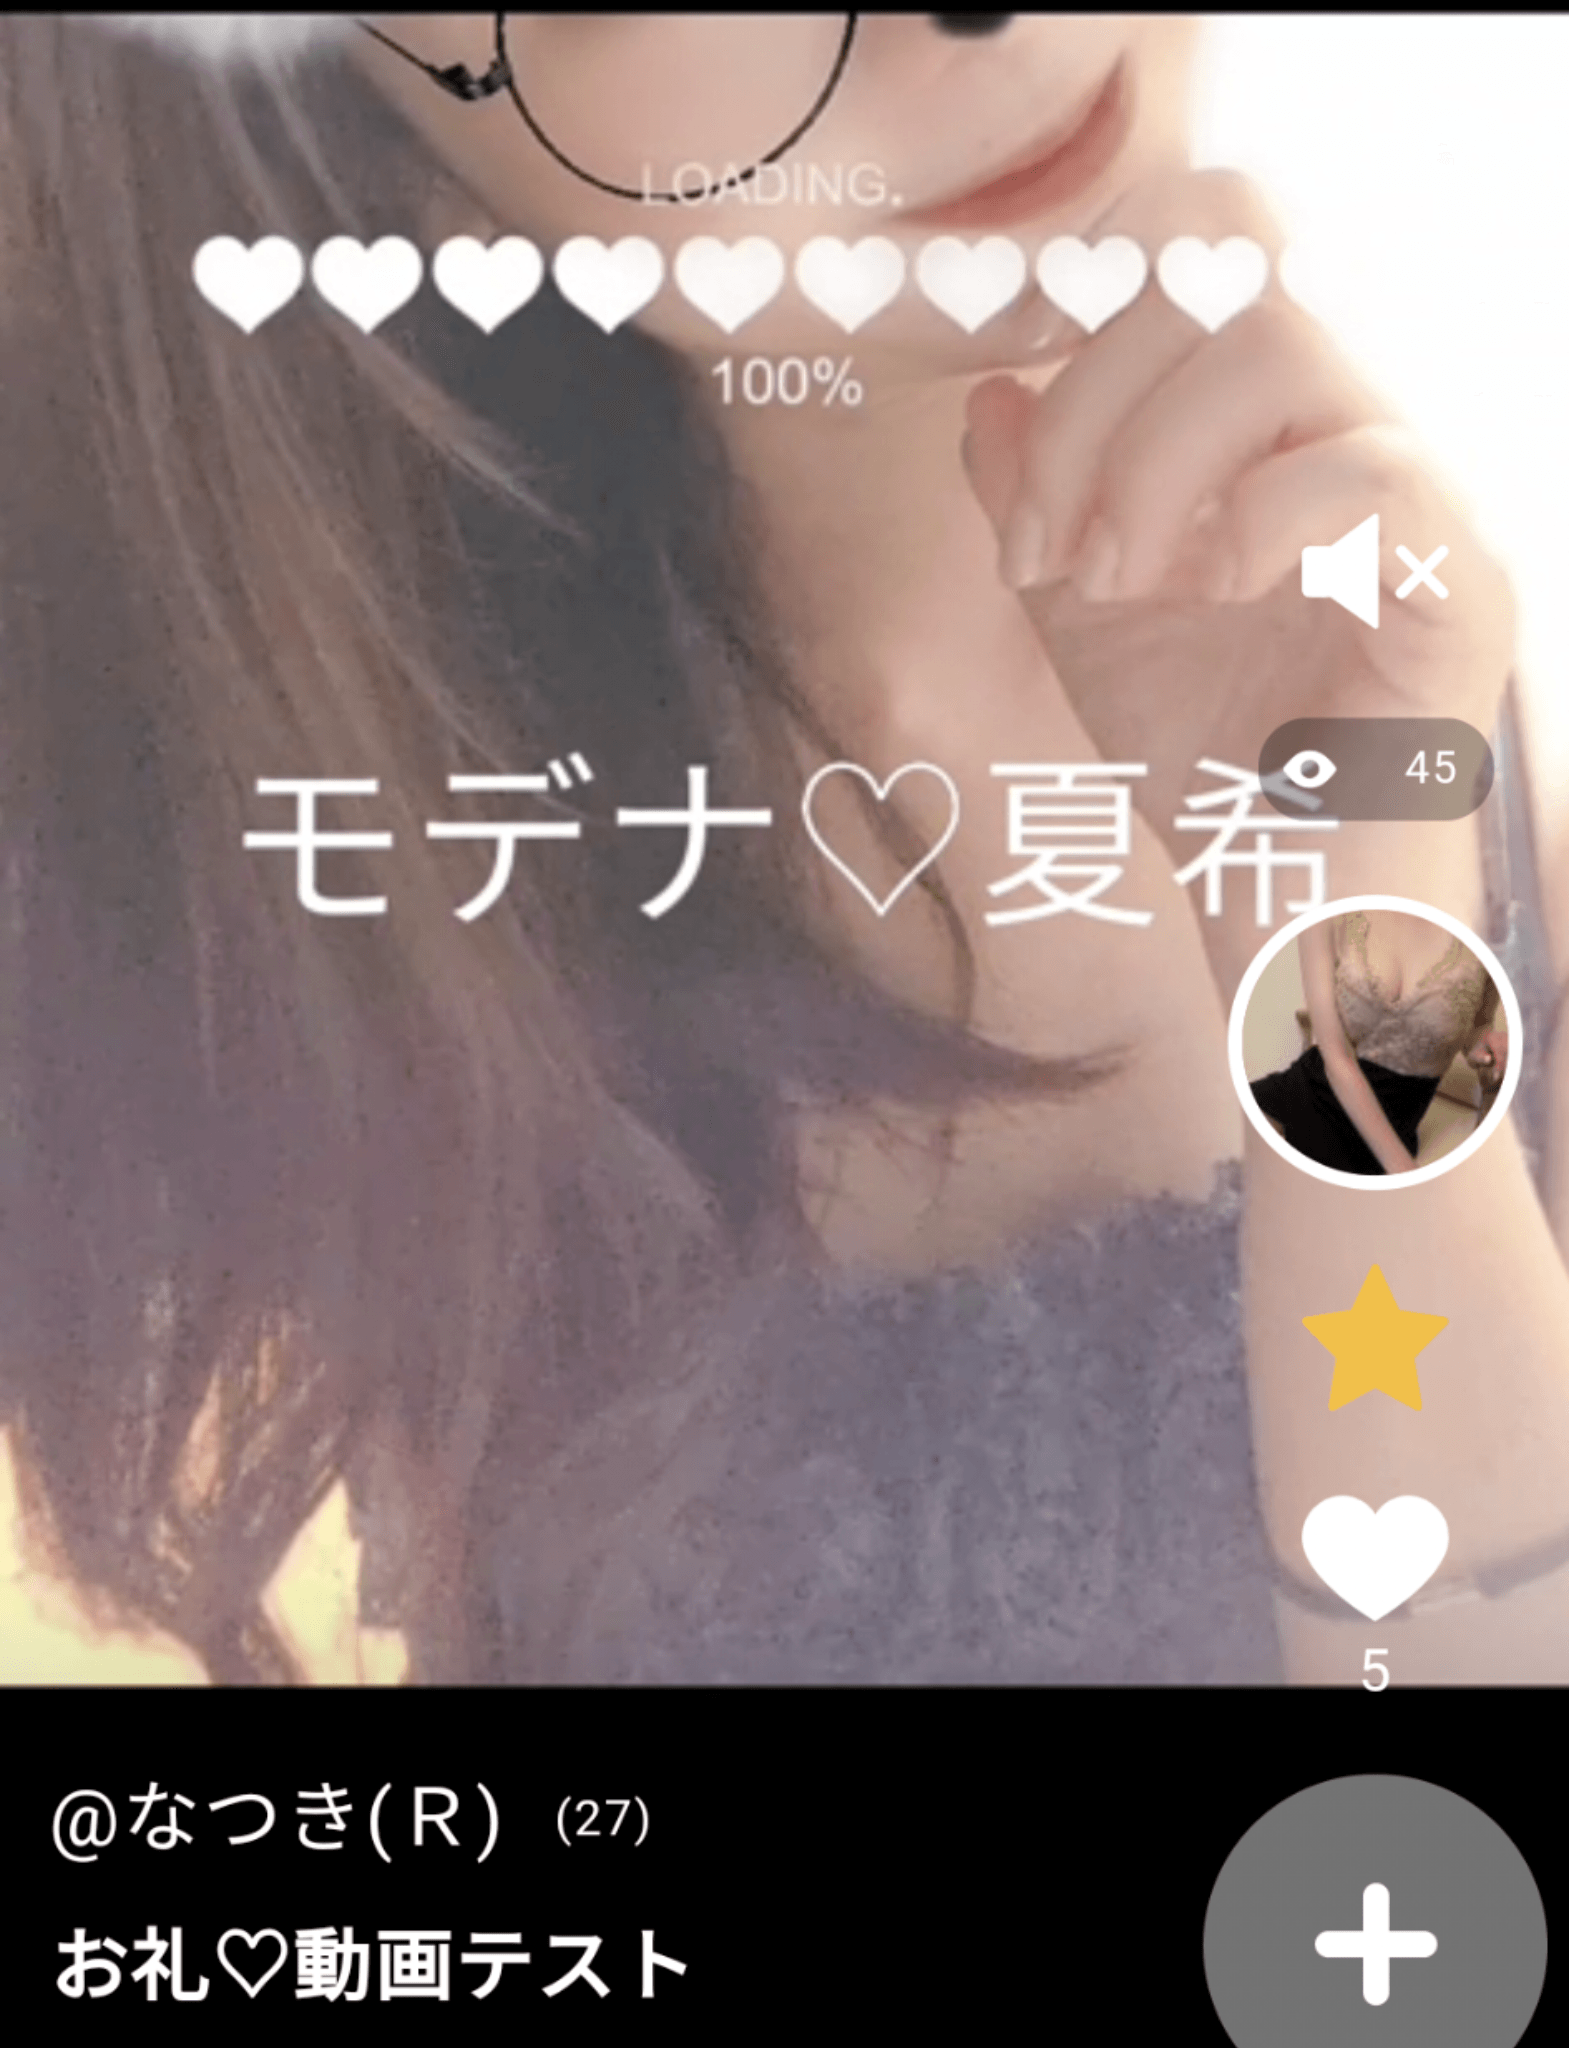 「動画撮りました〜♡」10/14(木) 22:09   なつき(R)の写メ日記